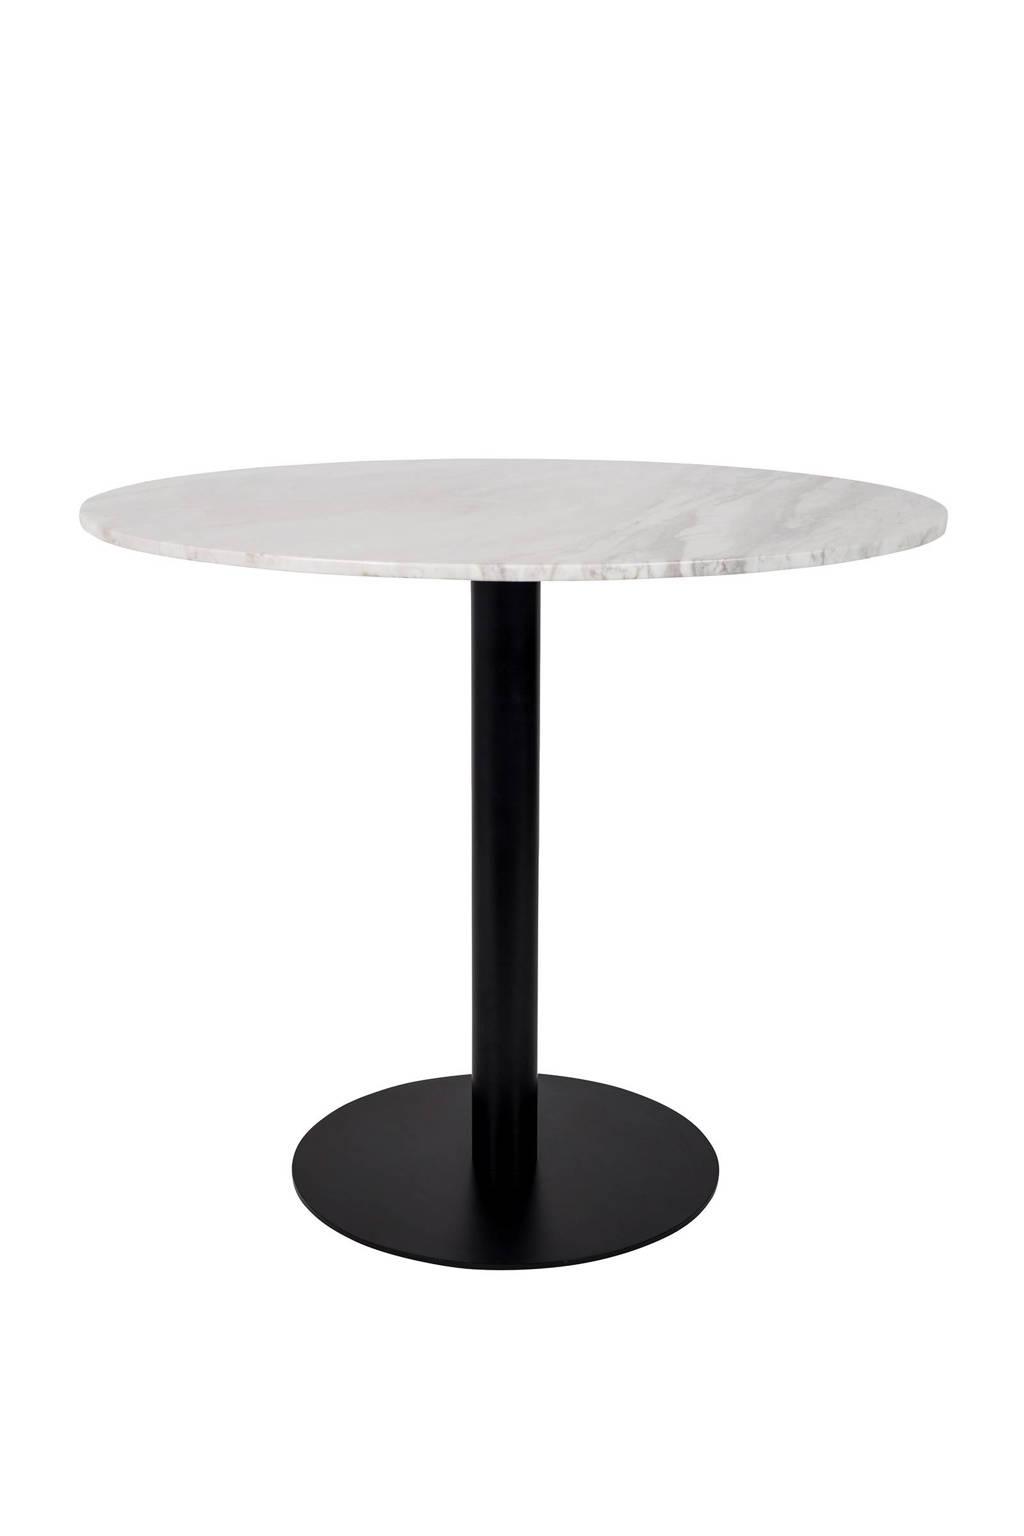 Zuiver ronde Marble King eettafel 90 cm, Marmer, zwart